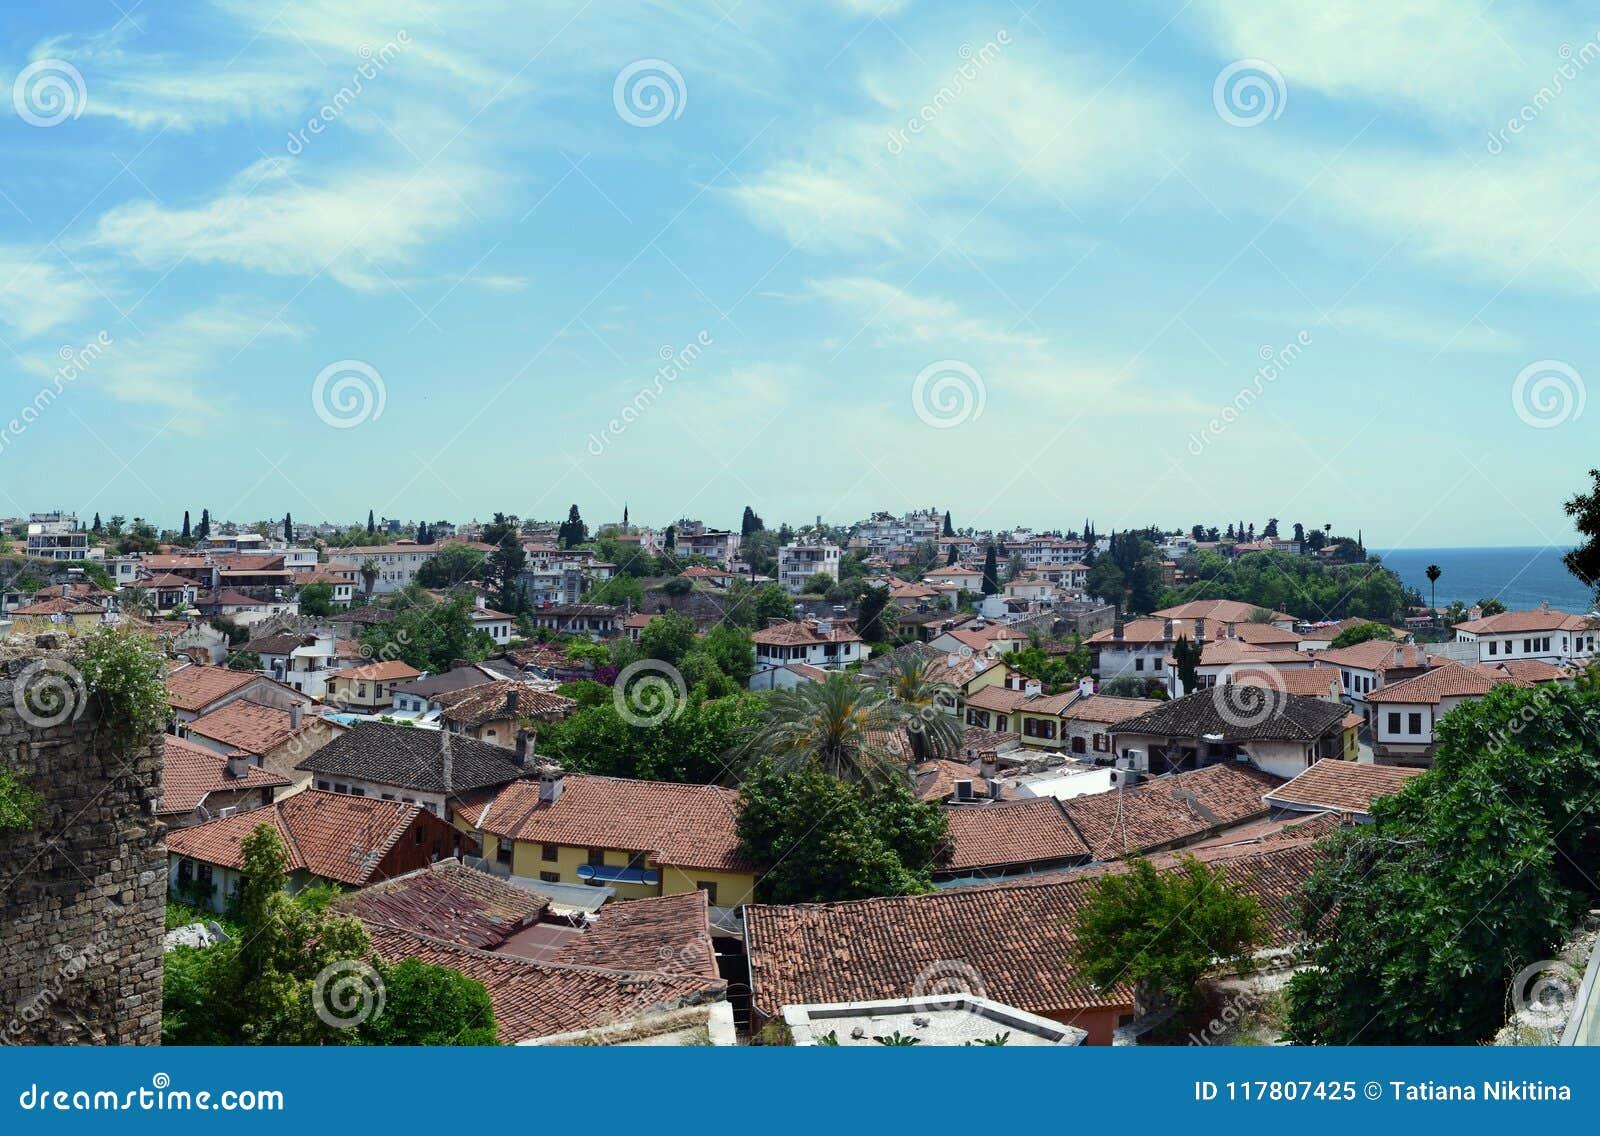 Tetti piastrellati di vecchia città Mediterranea contro un cielo blu Antalya, Turchia